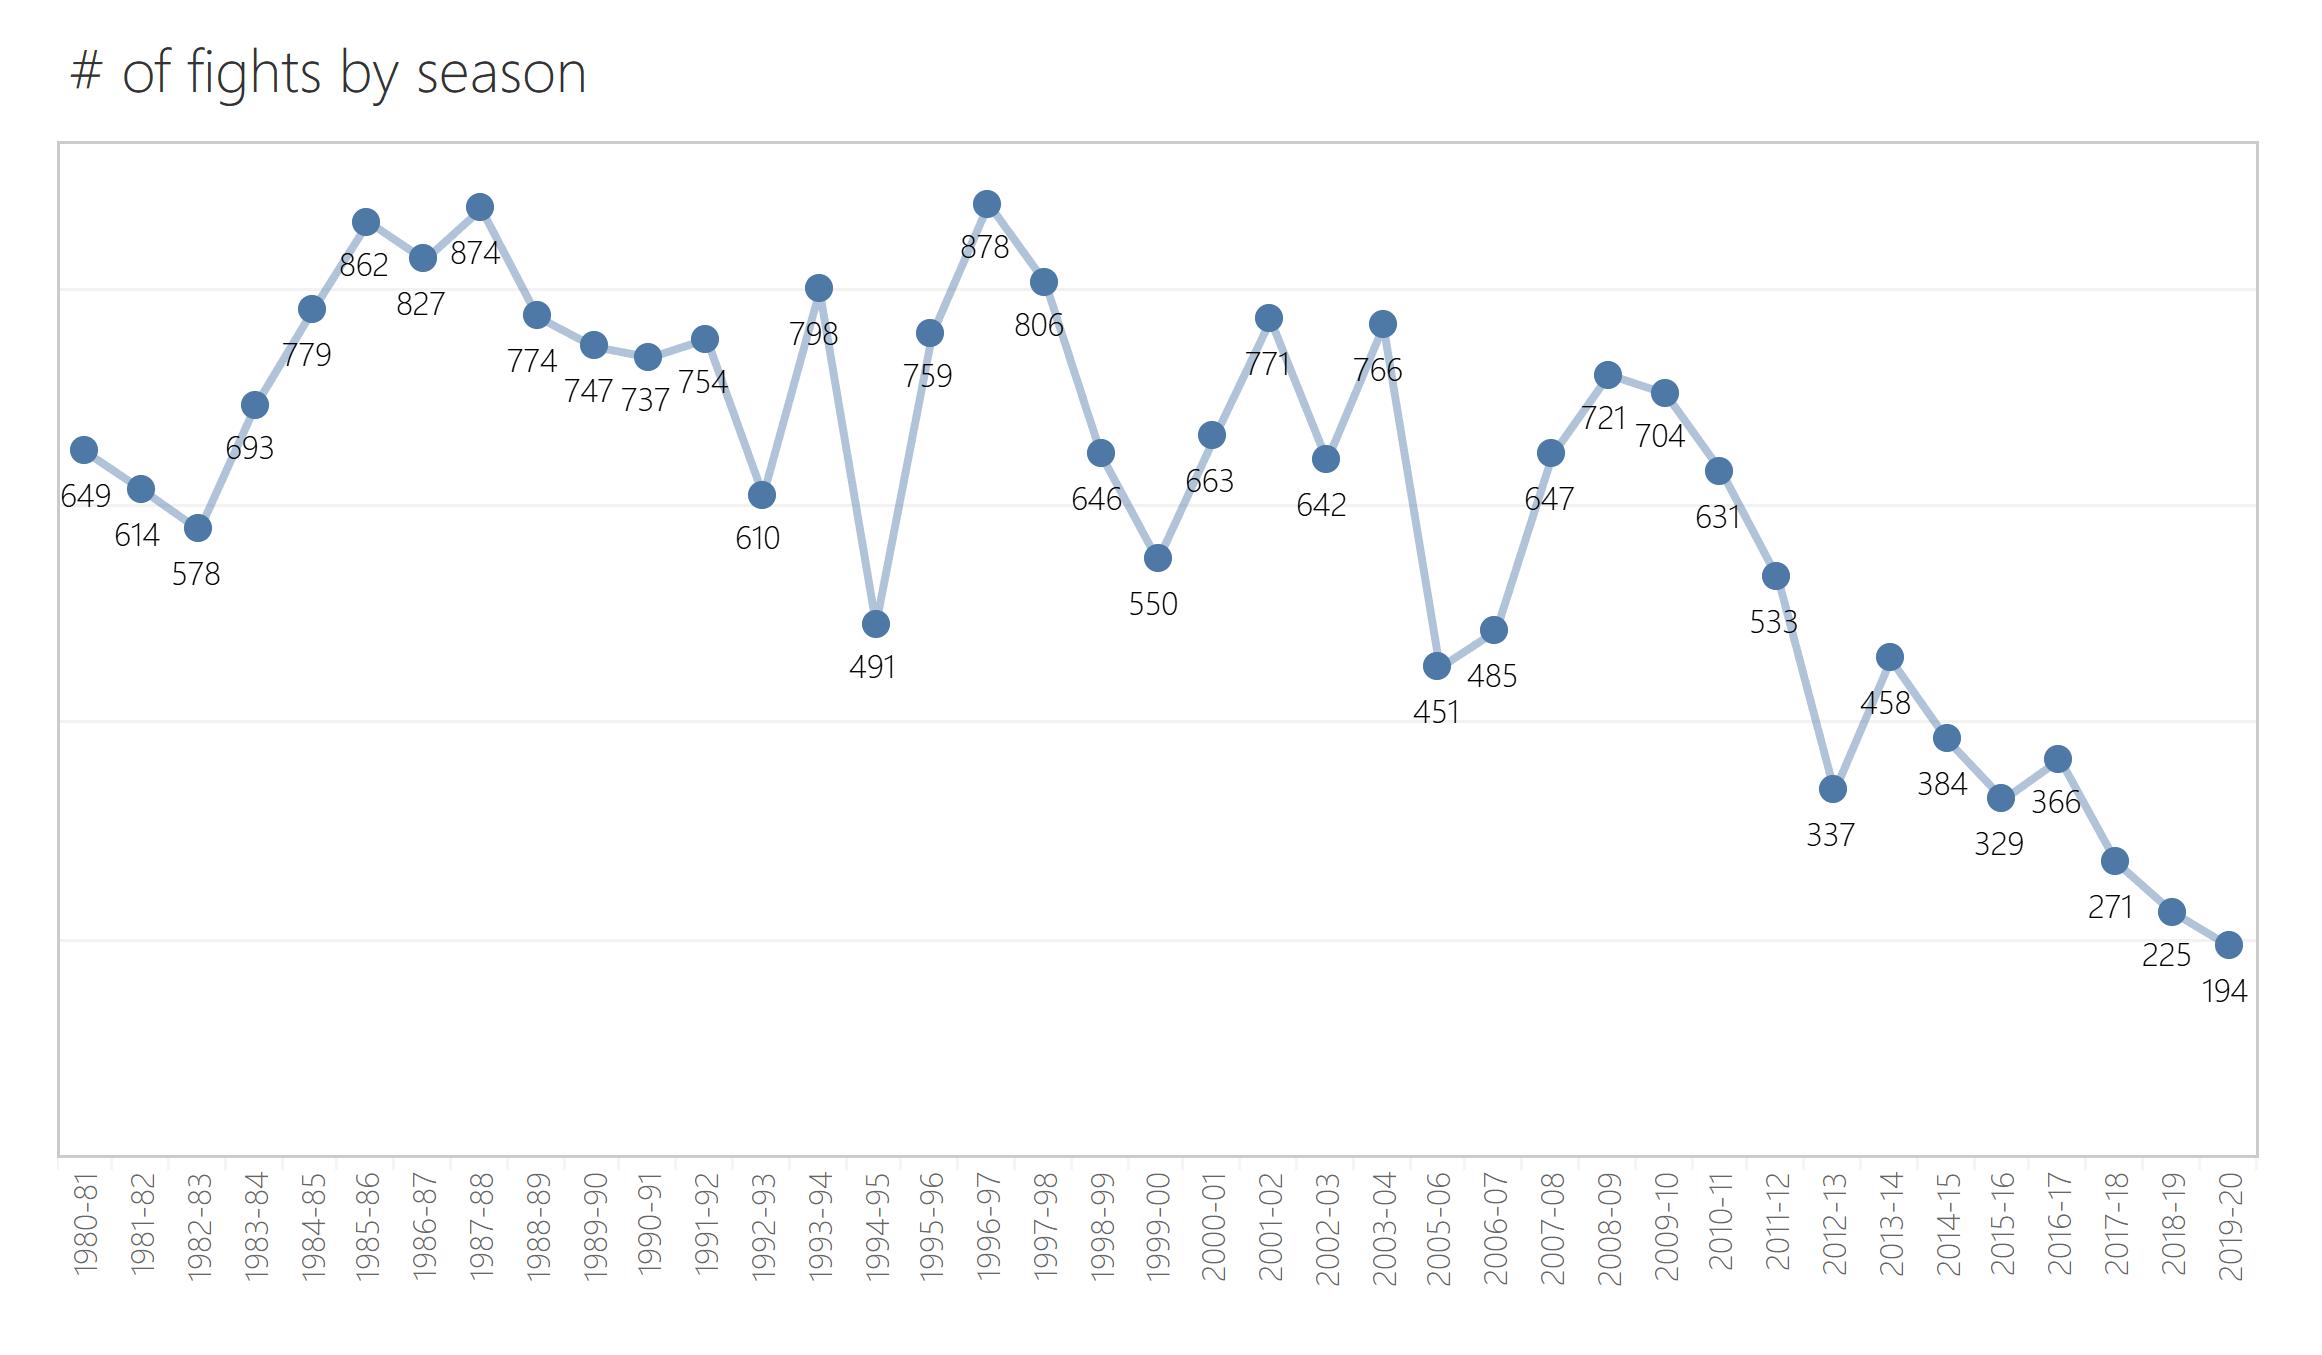 1_by season